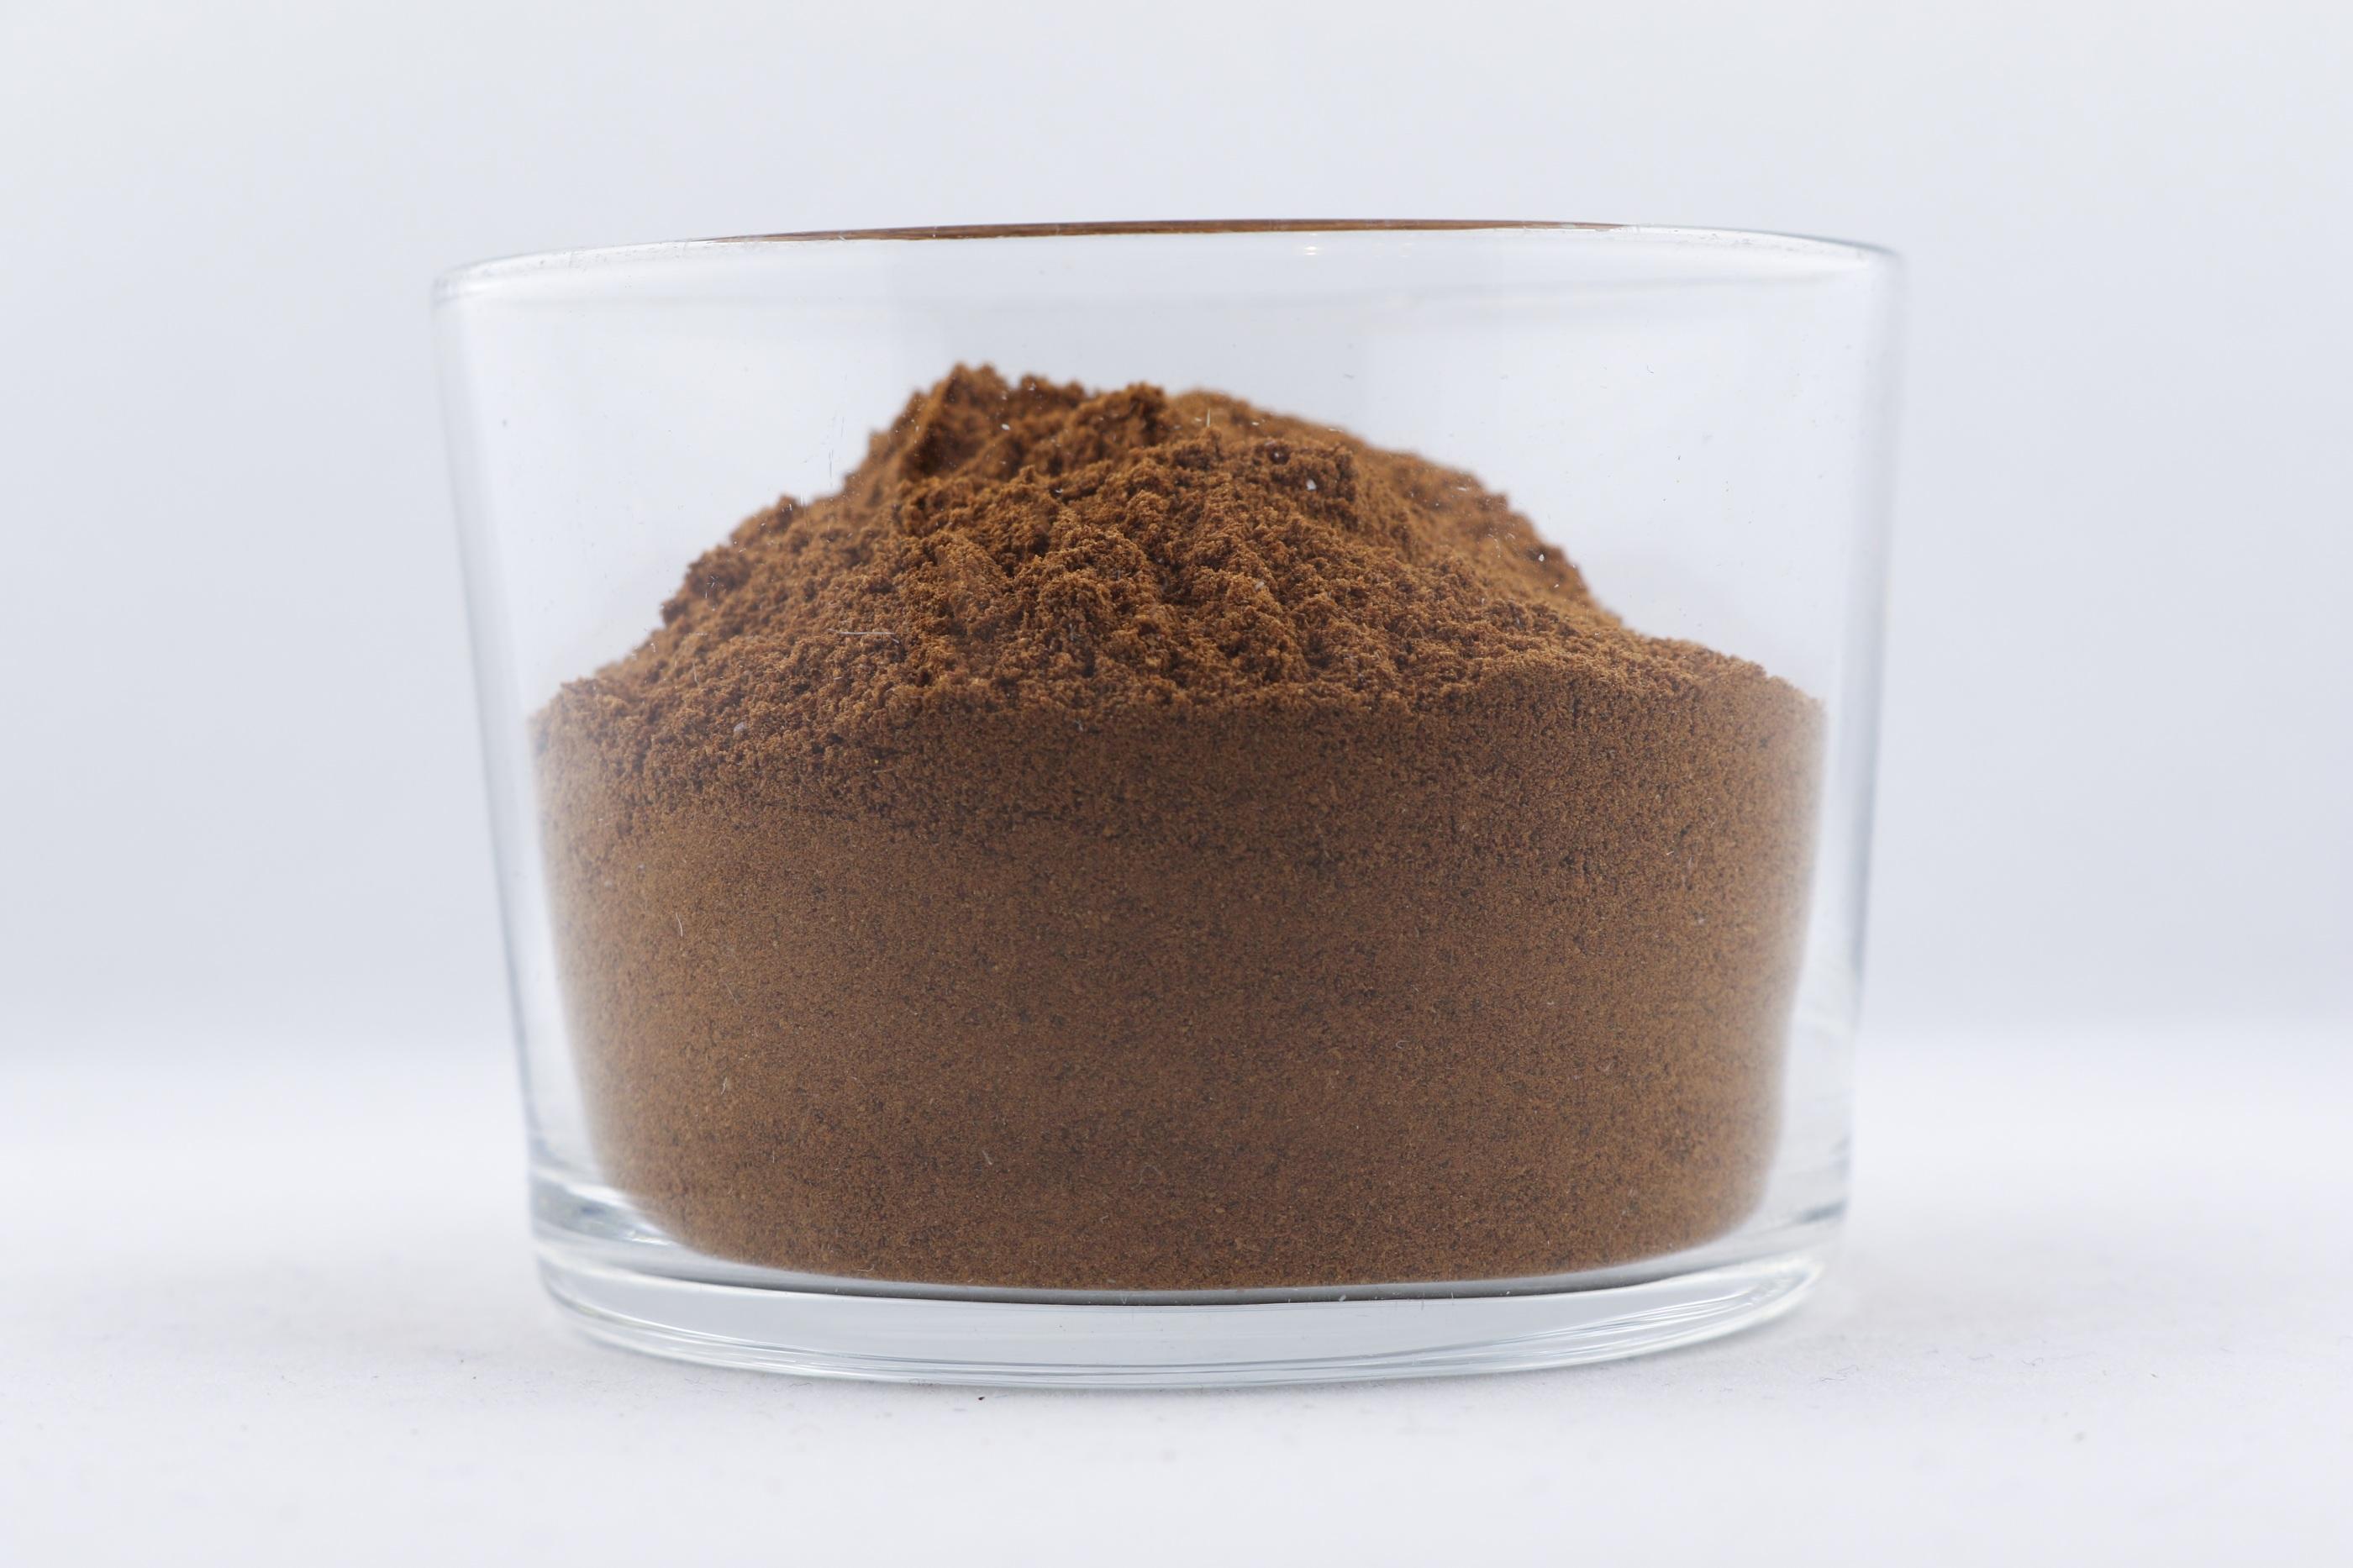 Äkta vietnamesisk kanel Mald Saigonkanel wellness ayurveda halmstad sweden svensk krydda lösvikt